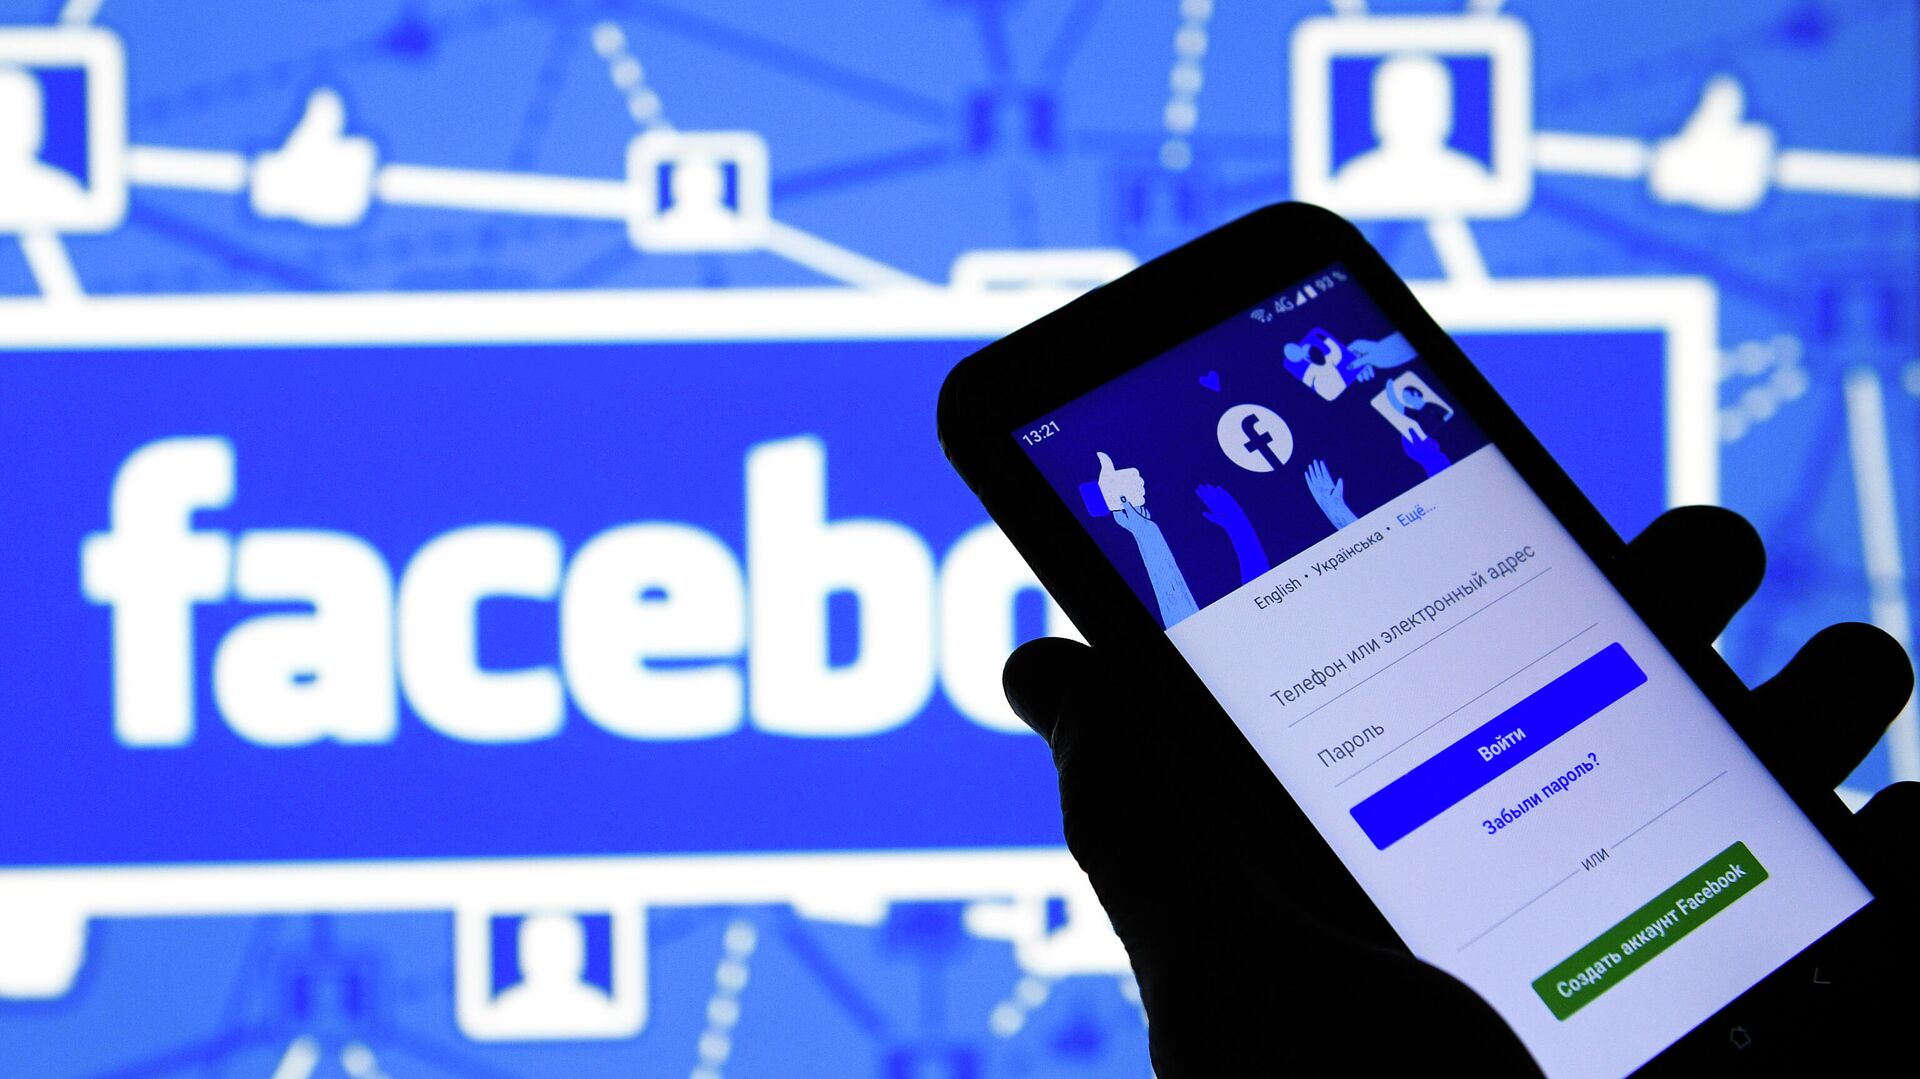 Приложение социальной сети Facebook в мобильном телефоне - РИА Новости, 1920, 02.07.2021